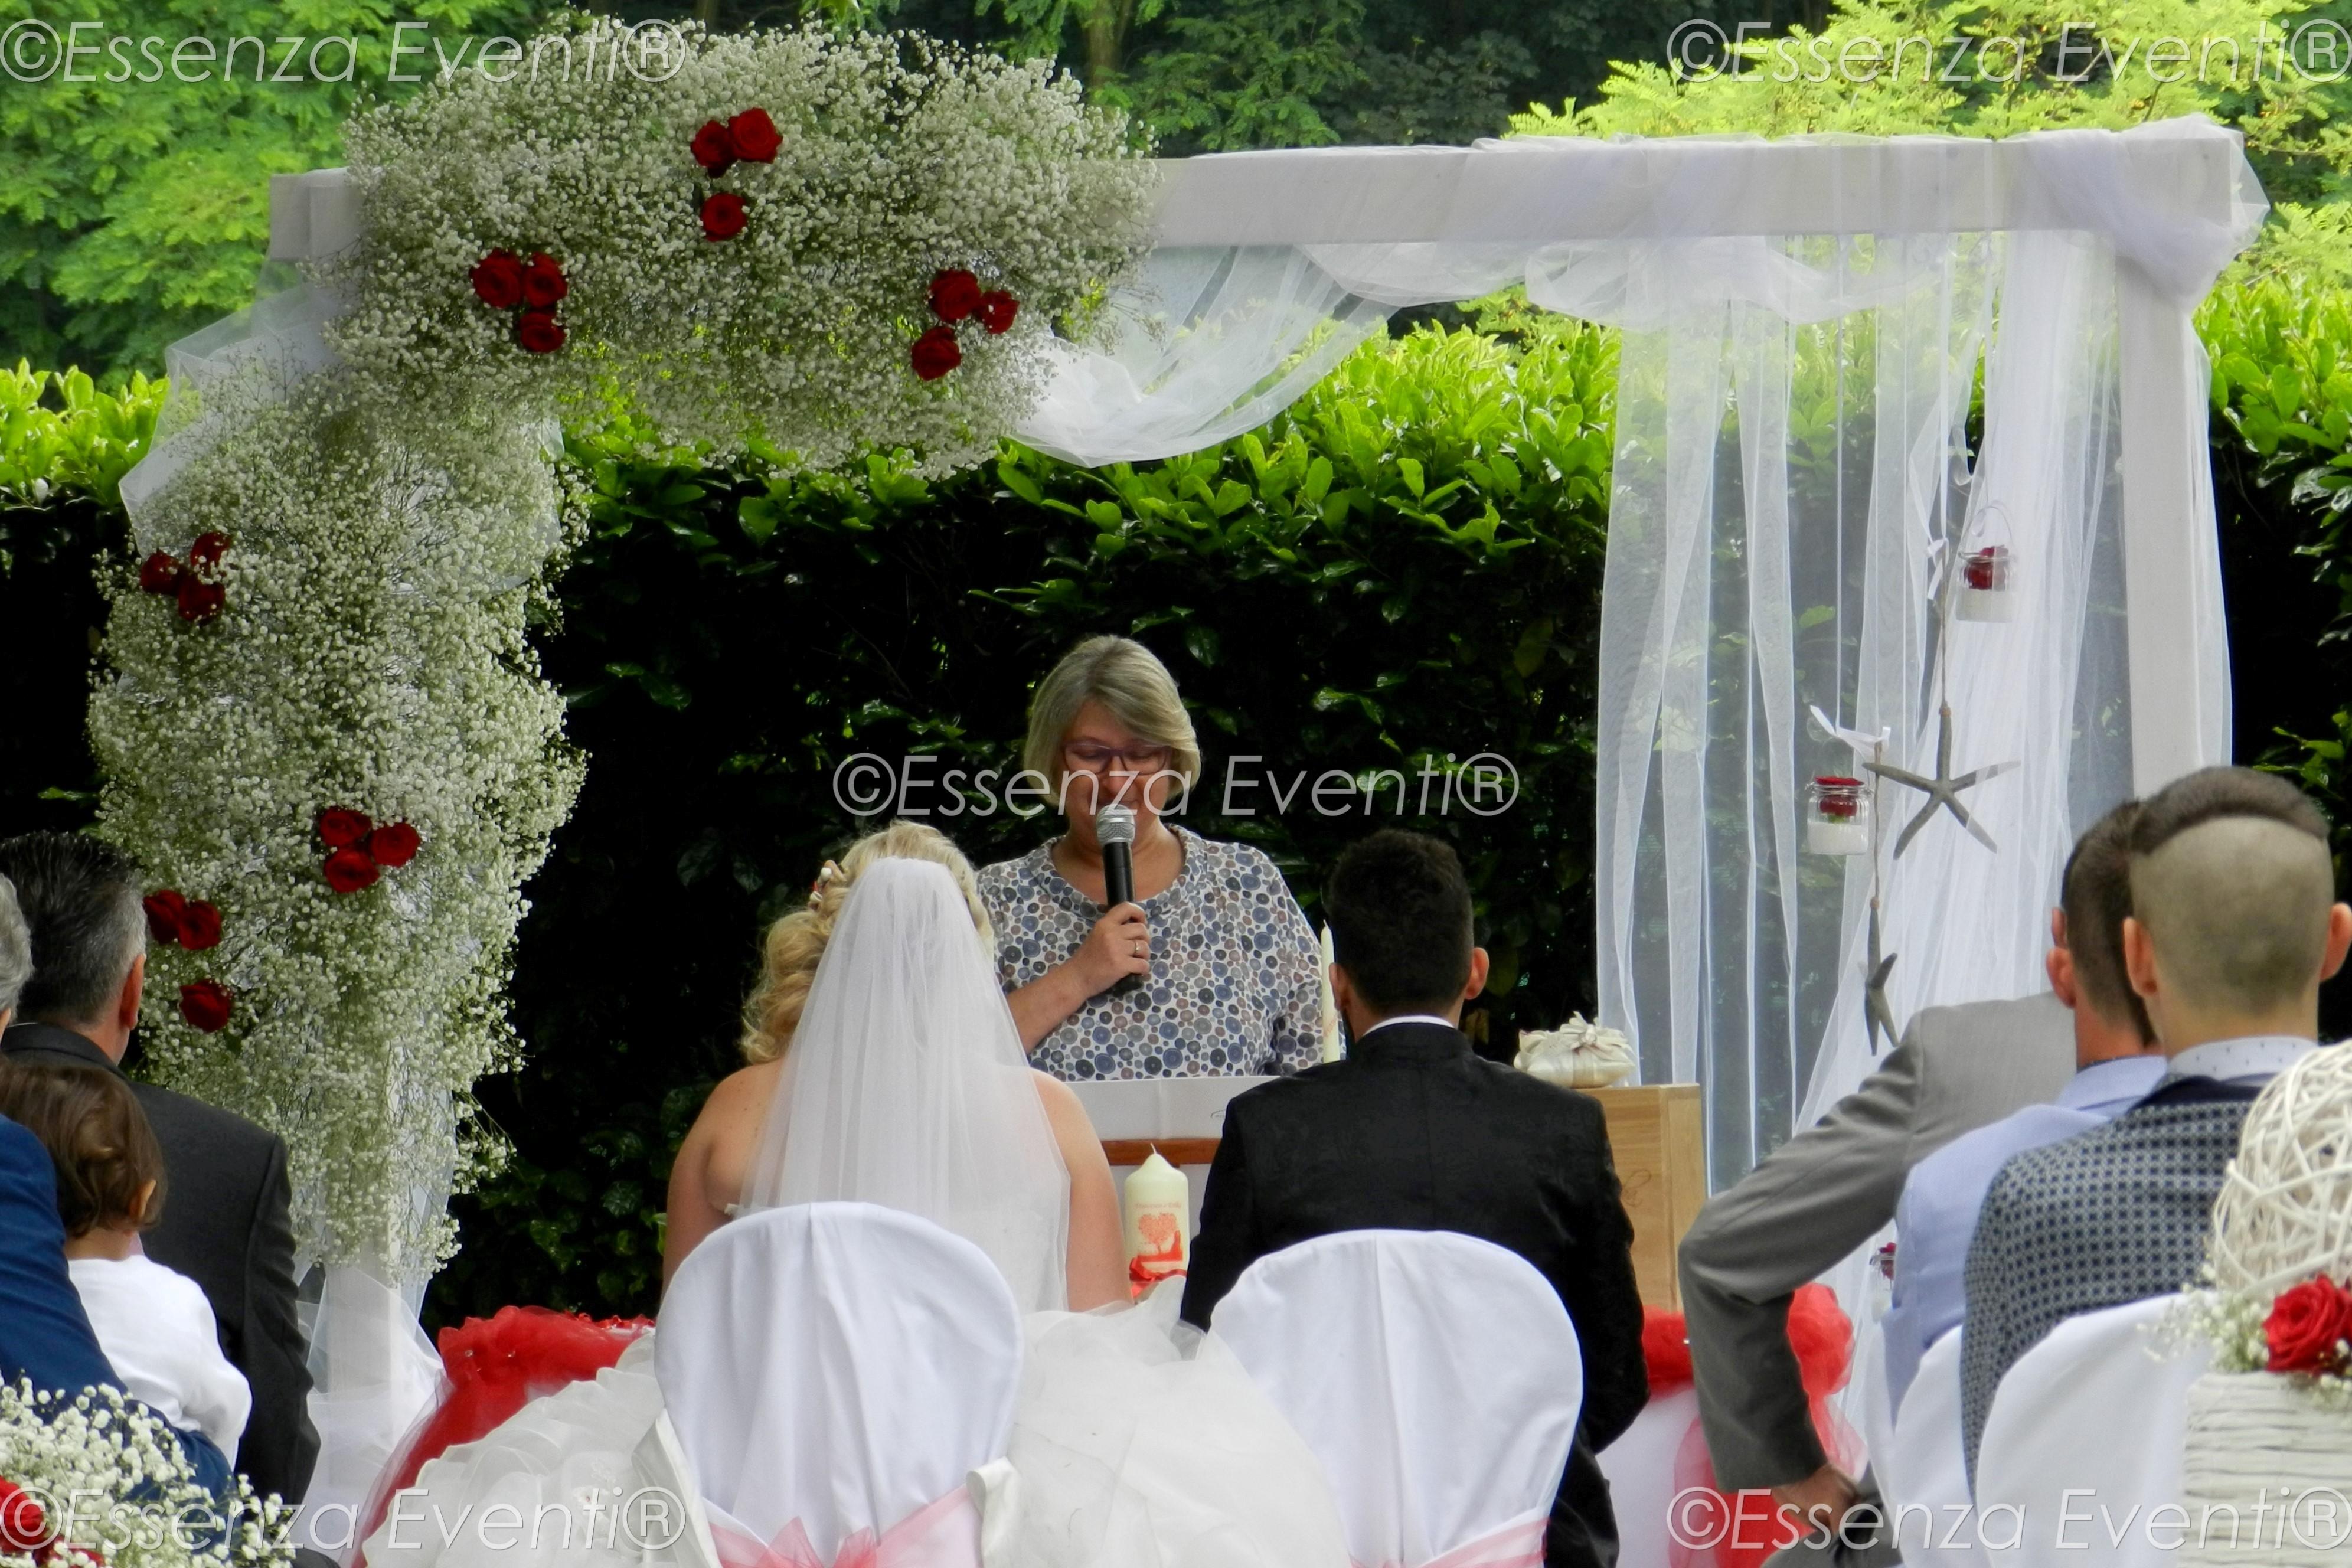 Celebrante Matrimonio Simbolico Puglia : Celebrante matrimonio simbolico essenza eventi